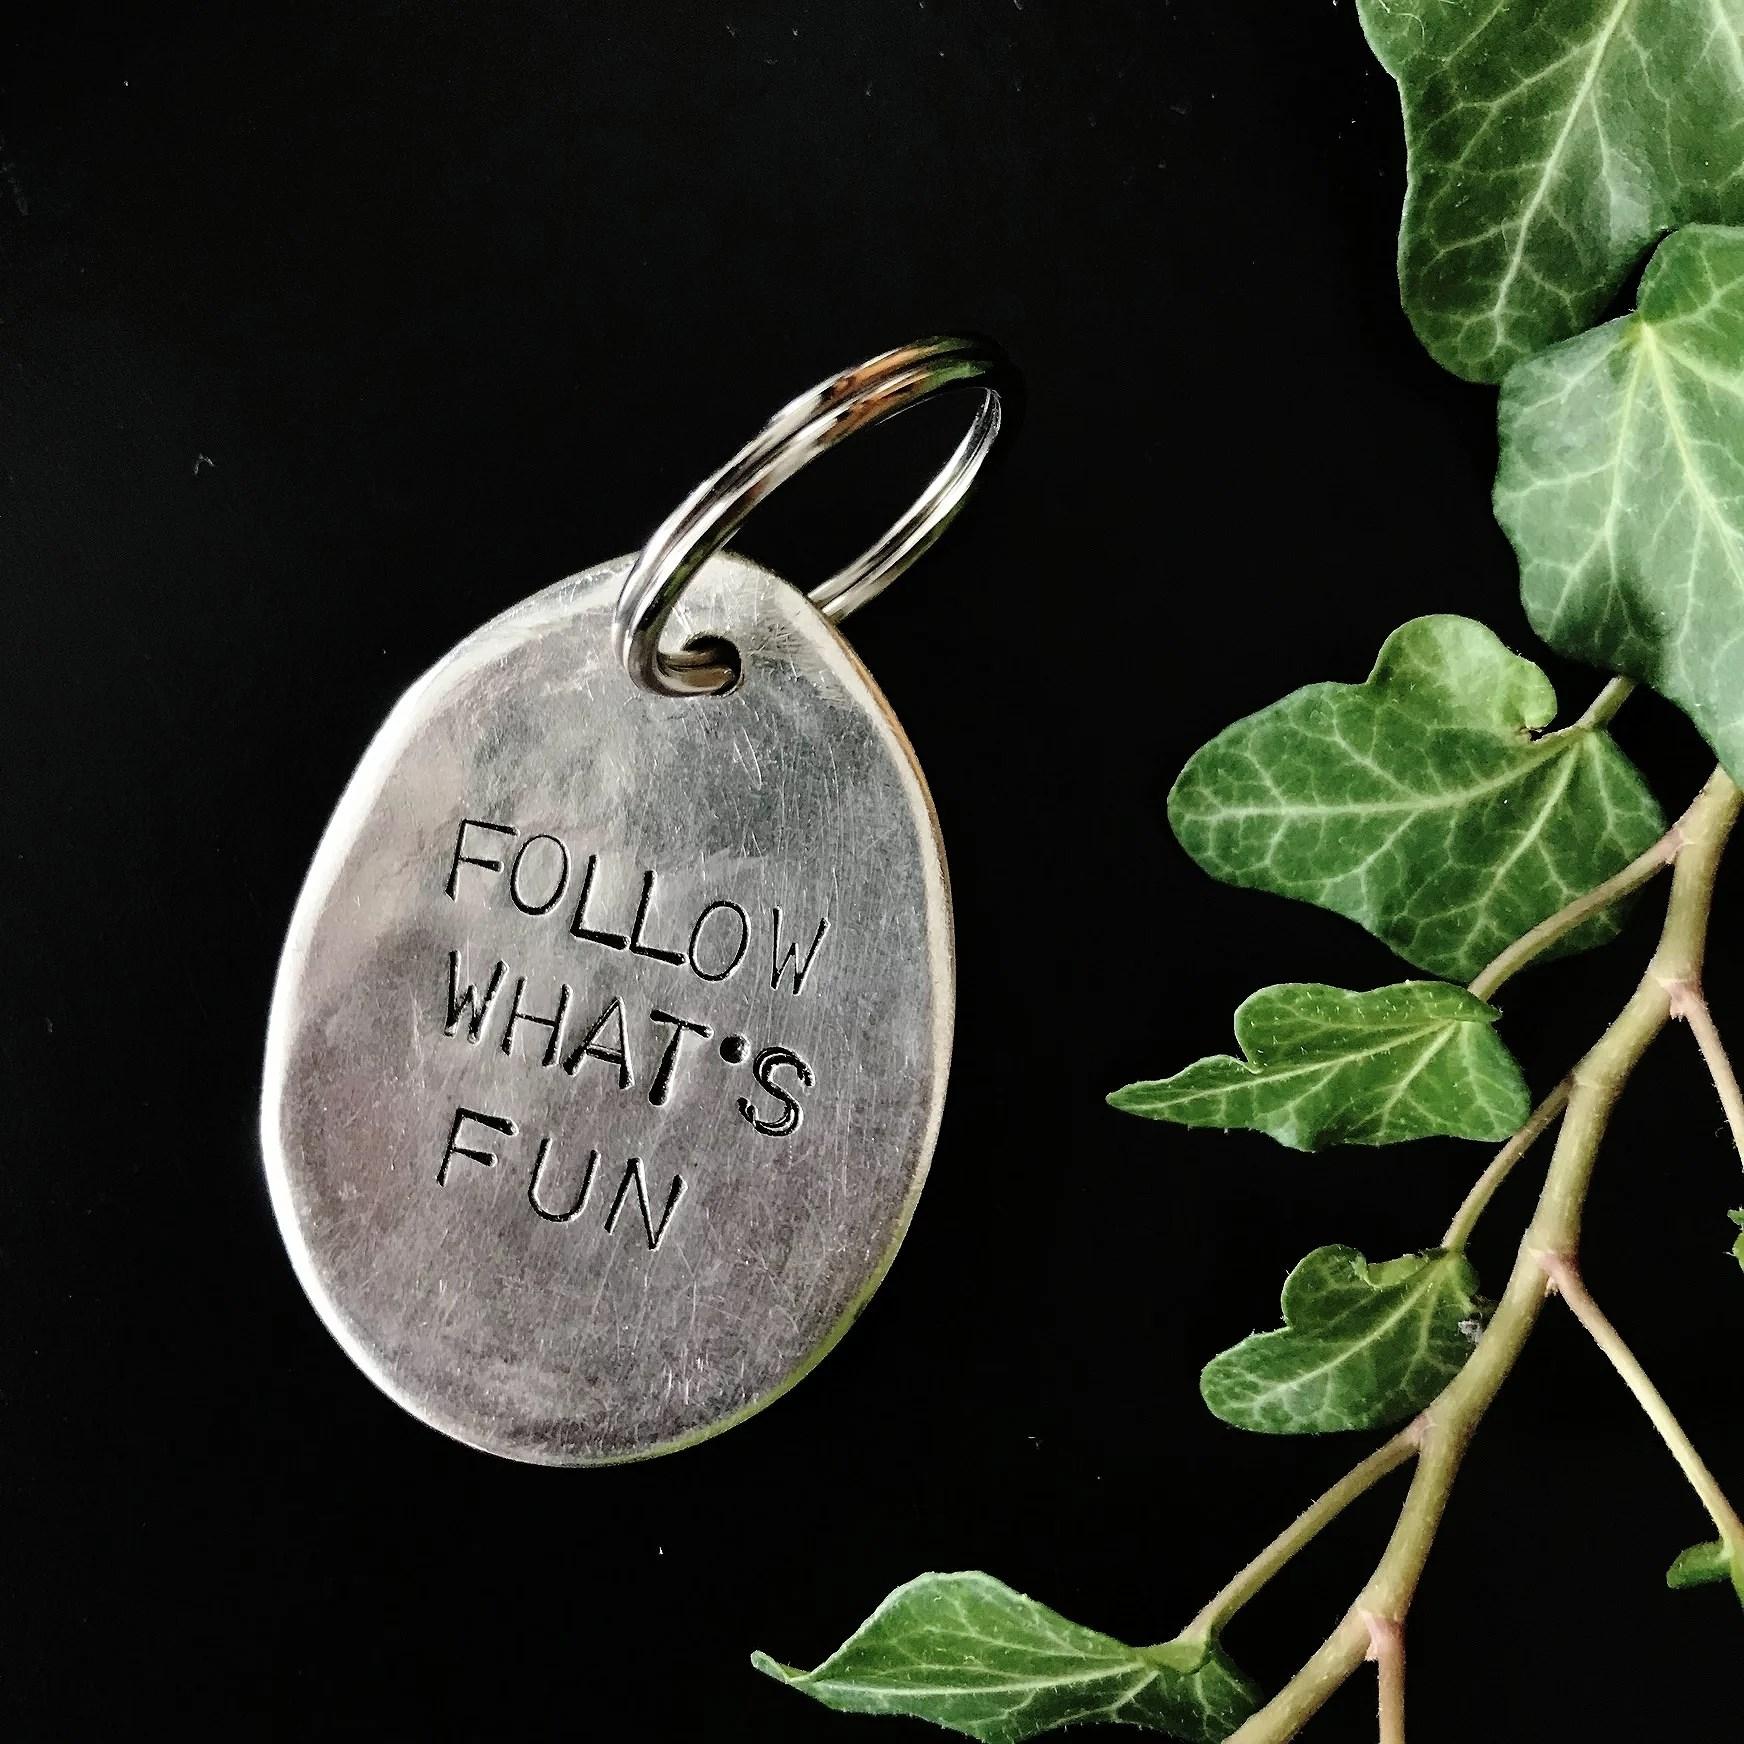 Follow what's fun. Följ det som är roligt. Nyckelring. DIY. Motto. Upcycling. Pyssel av bestick.